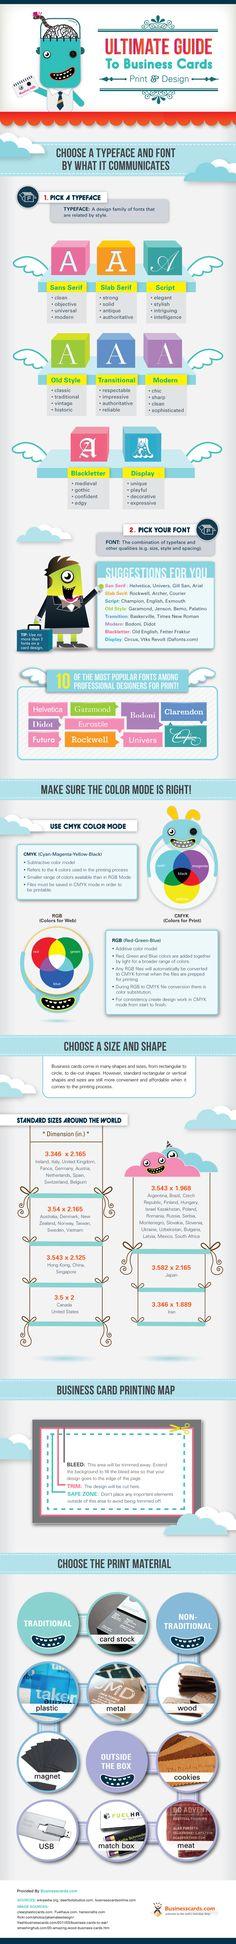 Última guía sobre tarjetas de visita de calidad #infografia #infographic #marketing